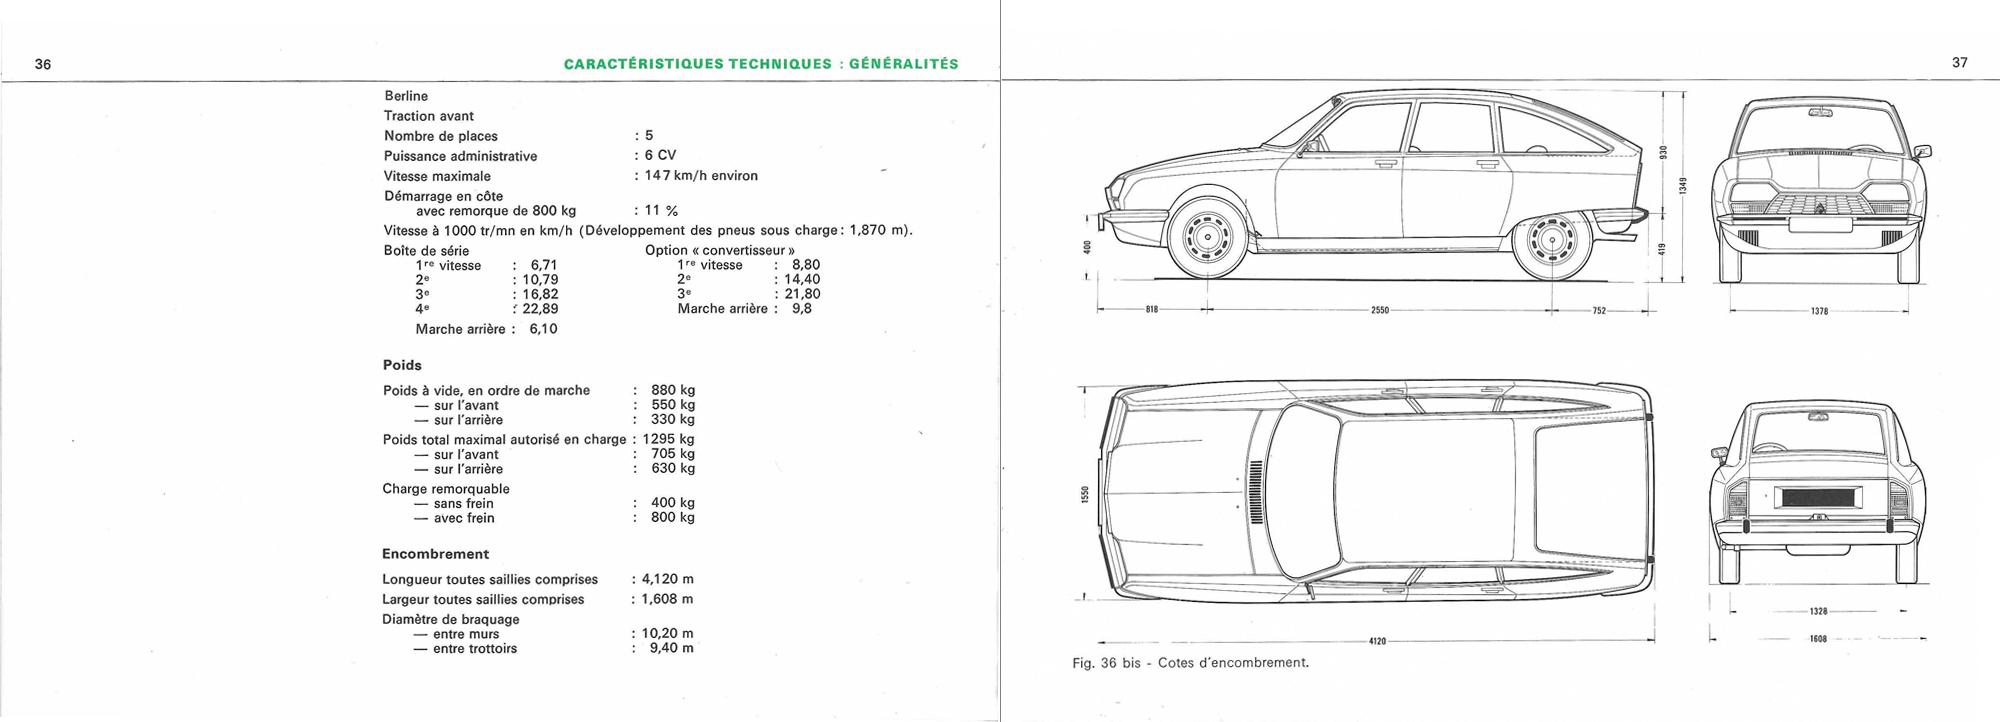 1970 Citroën GS Notice d'emploi (owner's manual) #2